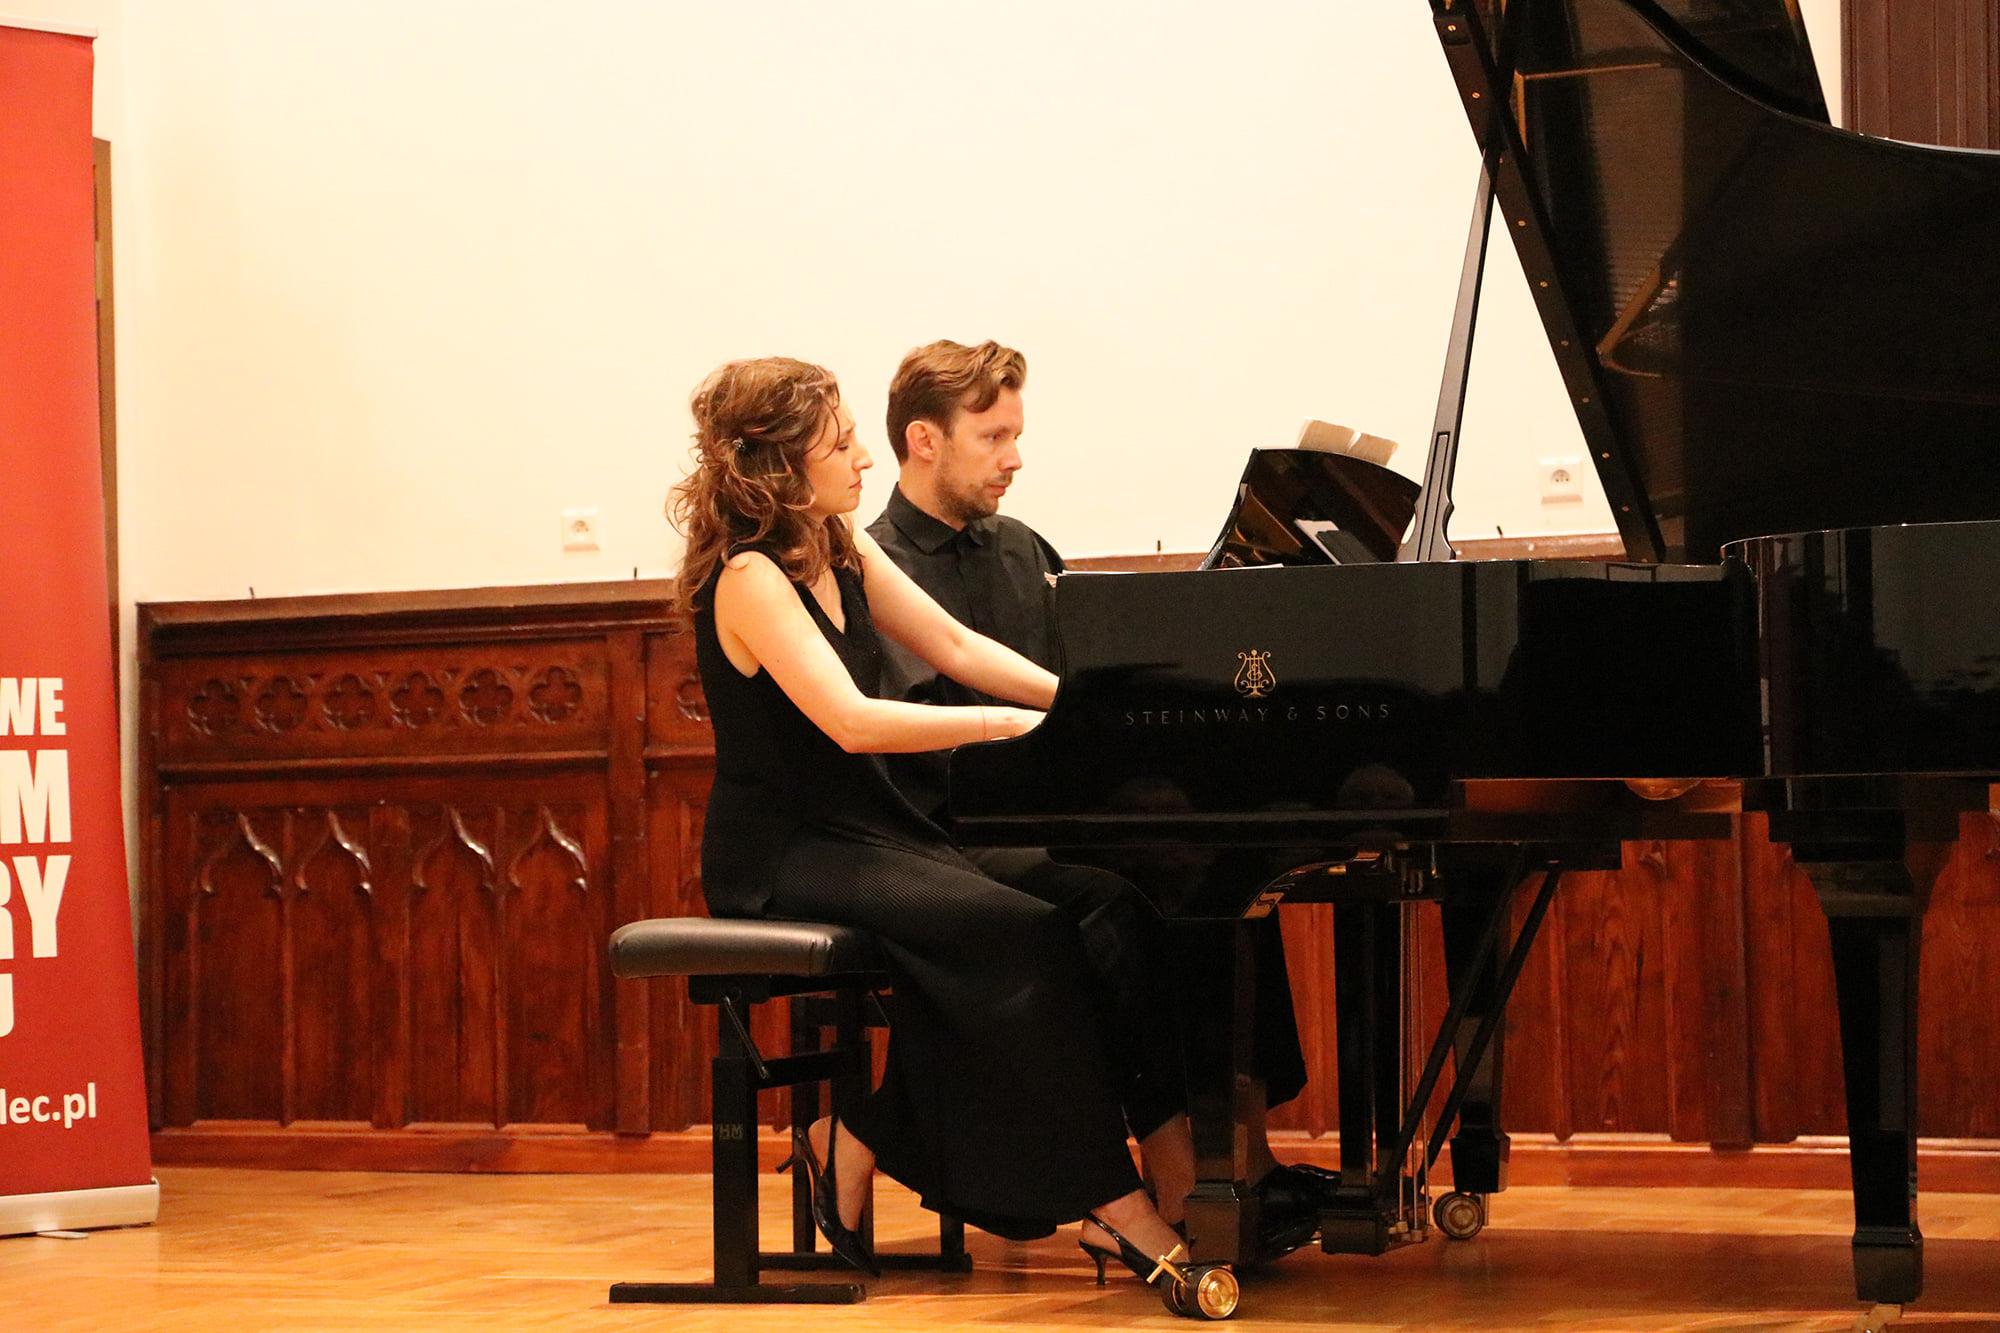 Utalentowali pianiści z forum pianistycznego wystąpili w Mielcu [ZDJĘCIA] - Zdjęcie główne